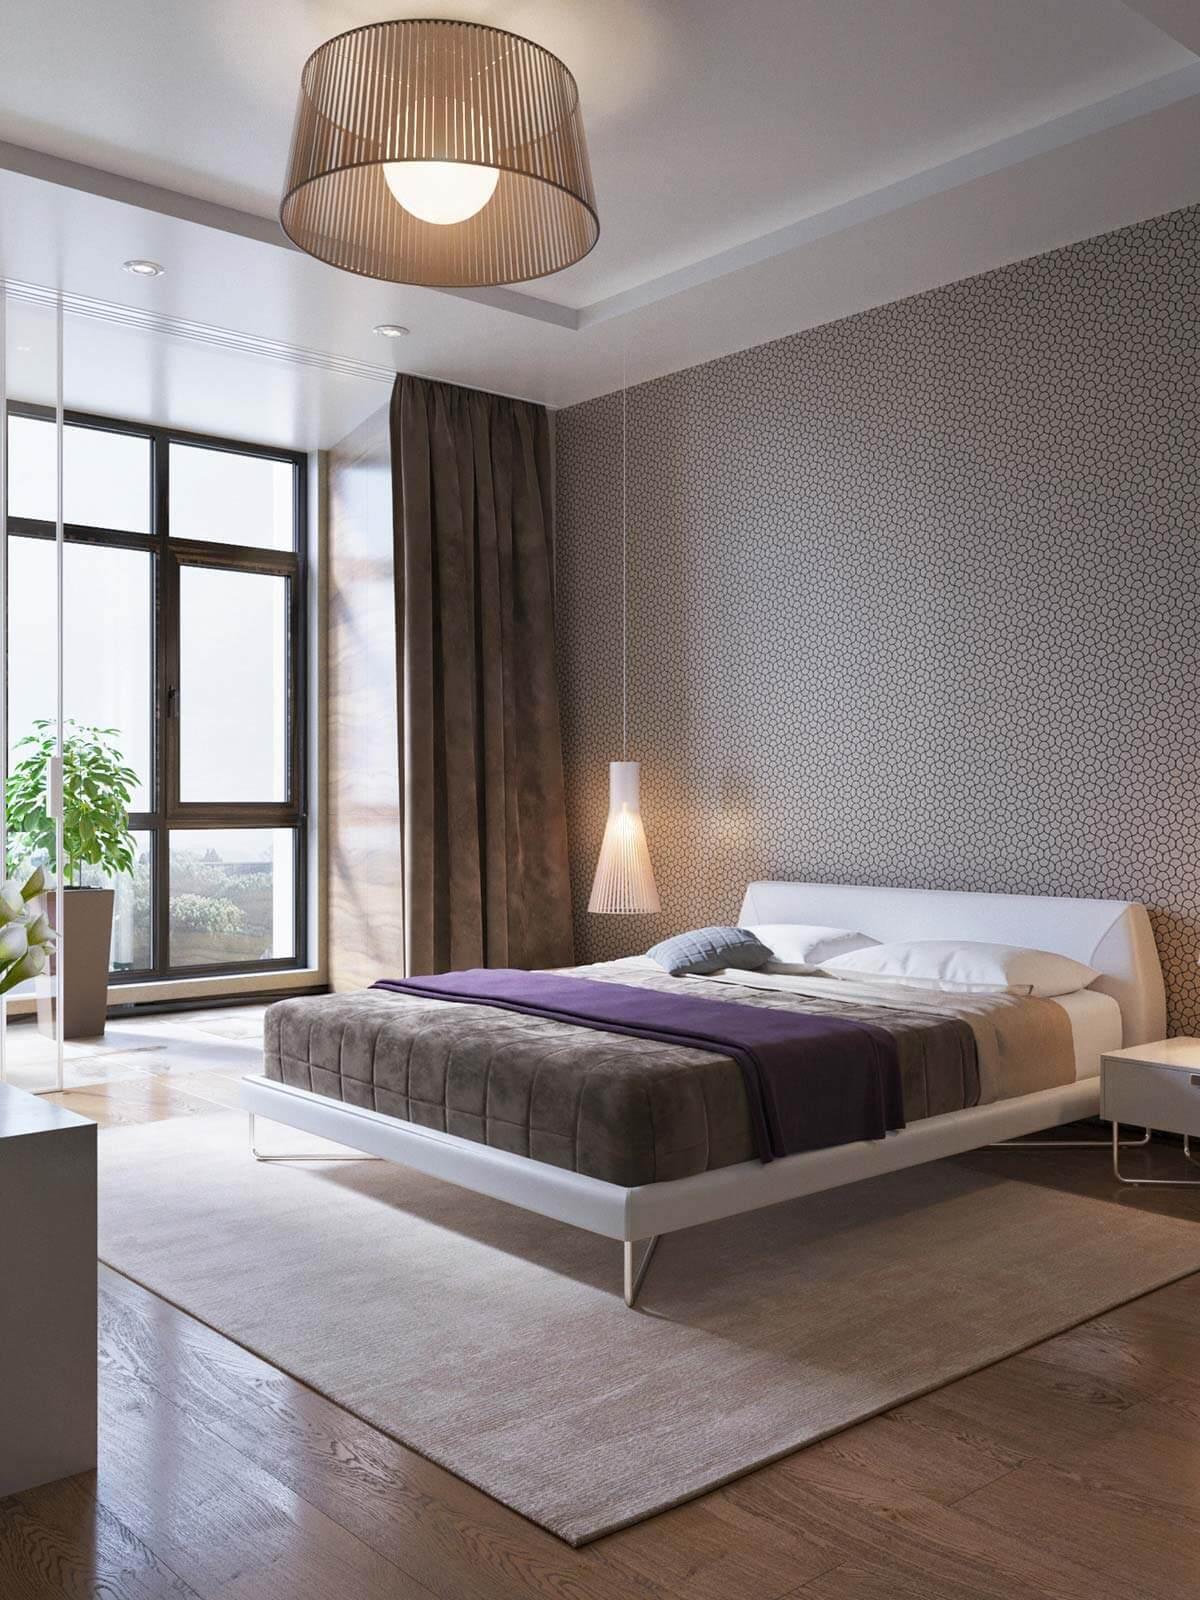 mẫu thiết kế nội thất chung cư 70m2 đẹp sang trọng 9